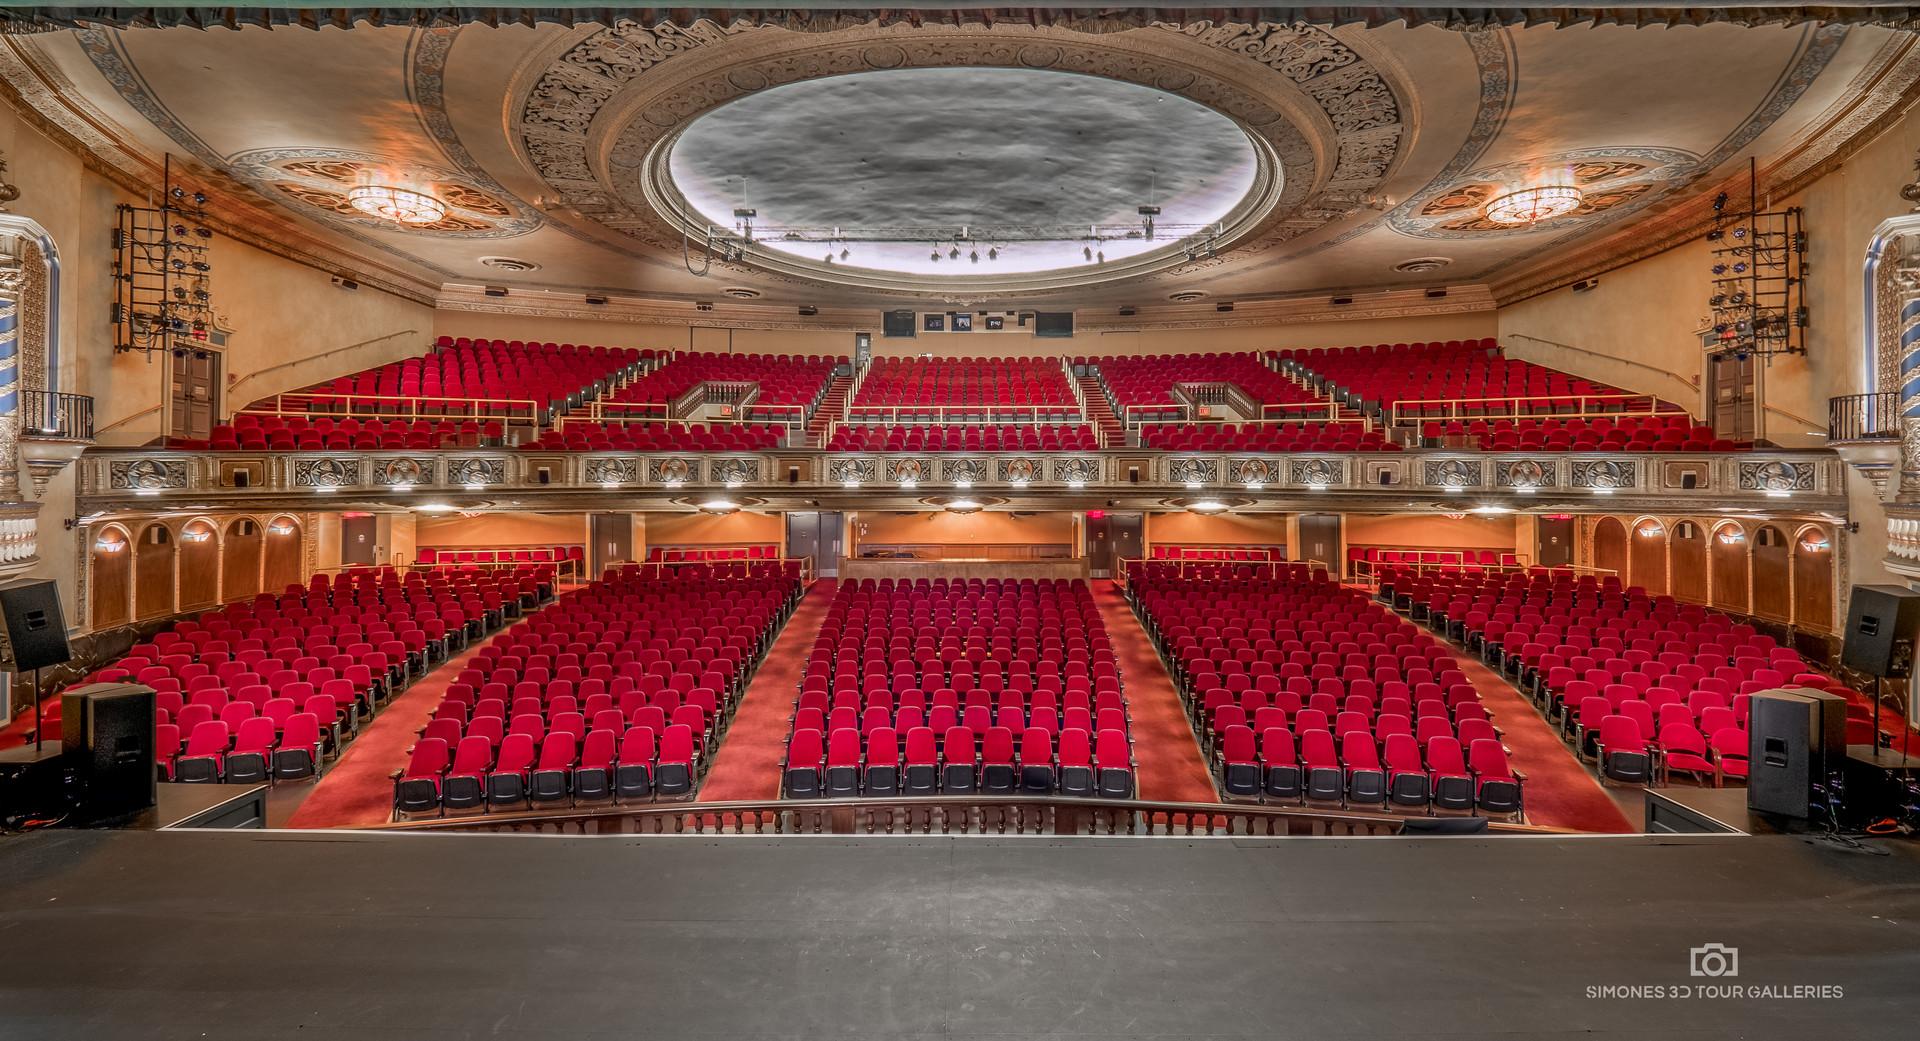 The Virginia Theatre Champaign Illinois